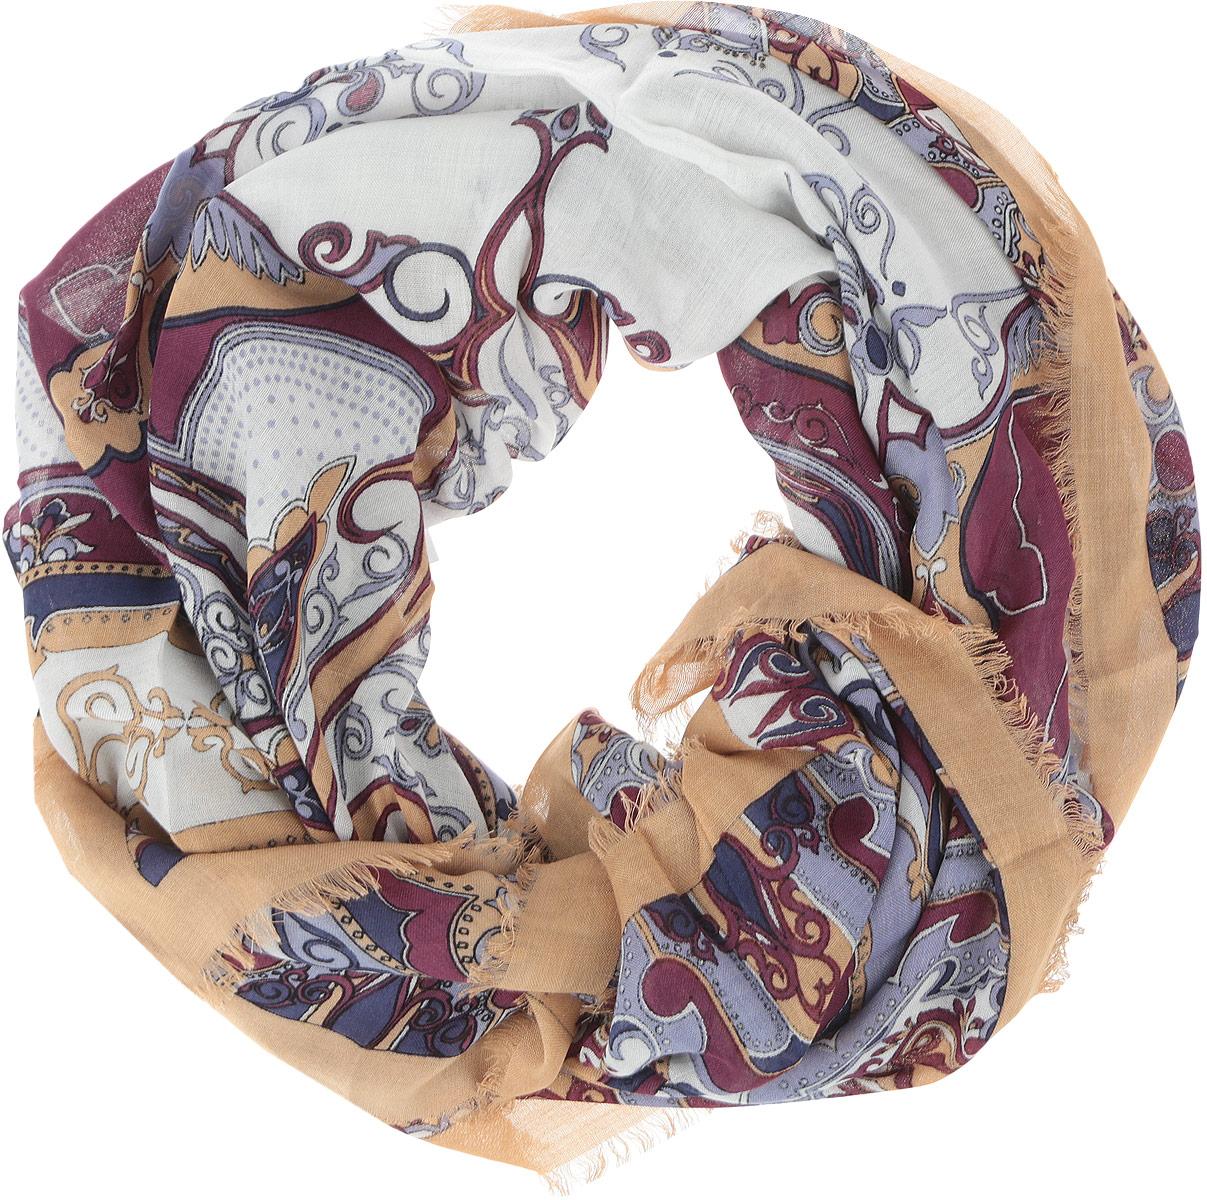 Платок женский Fabretti, цвет: бежевый, белый, сливовый. DS2015-004-11. Размер 111 см х 111 смDS2015-004-11Стильный женский платок Fabretti станет великолепным завершением любого наряда. Платок изготовлен из высококачественного модала с добавлением вискозы, оформлен сложным растительным орнаментом и украшен тонкой бахромой по краям. Классическая квадратная форма позволяет носить платок на шее, украшать им прическу или декорировать сумочку. Мягкий и шелковистый платок поможет вам создать изысканный женственный образ, а также согреет в непогоду. Такой платок превосходно дополнит любой наряд и подчеркнет ваш неповторимый вкус и элегантность.